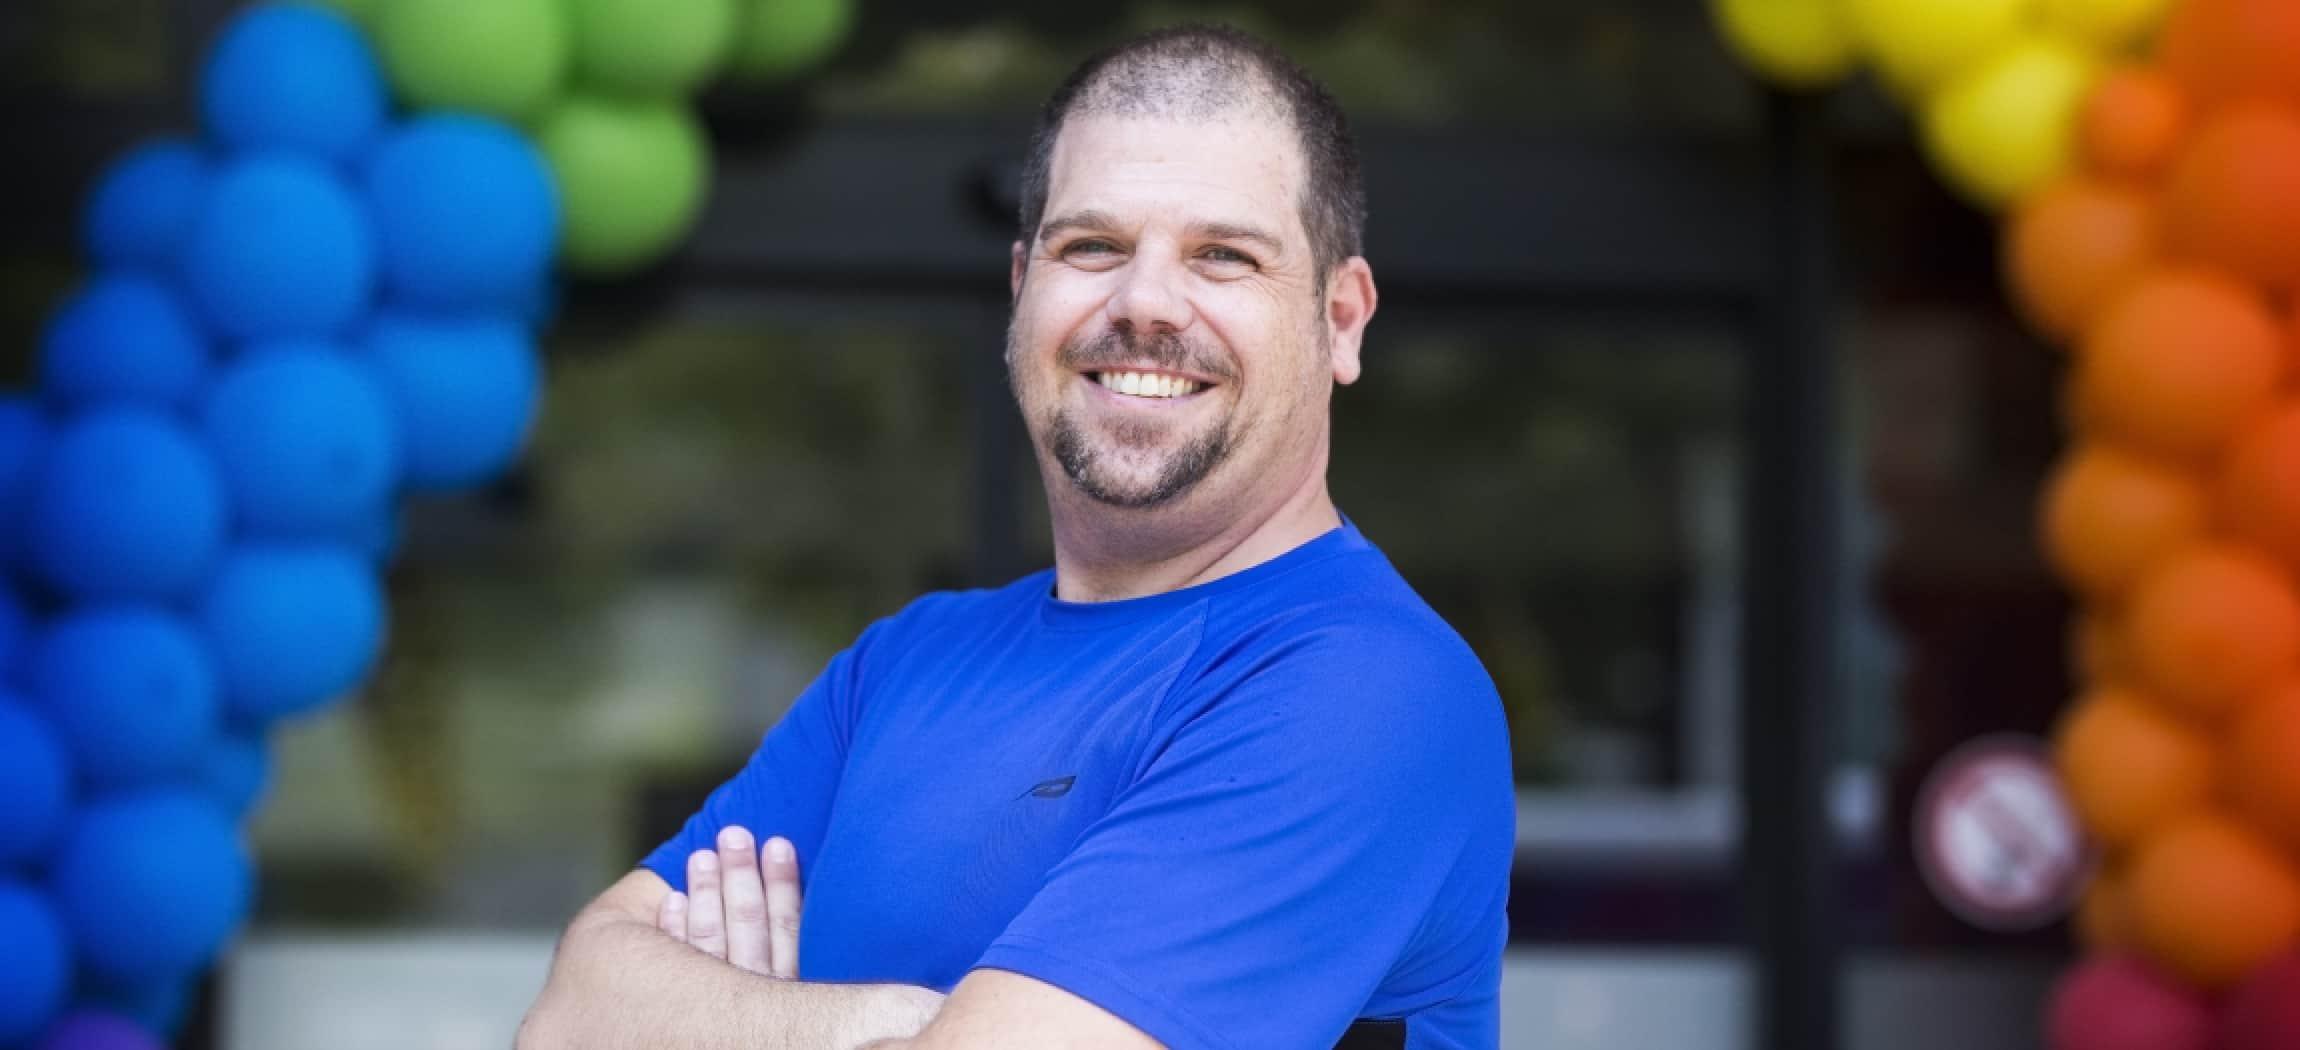 Arjan Croonen volgt de opleiding tot verzorgende bij Amstelring LHBTI ballonnen op achtergrond